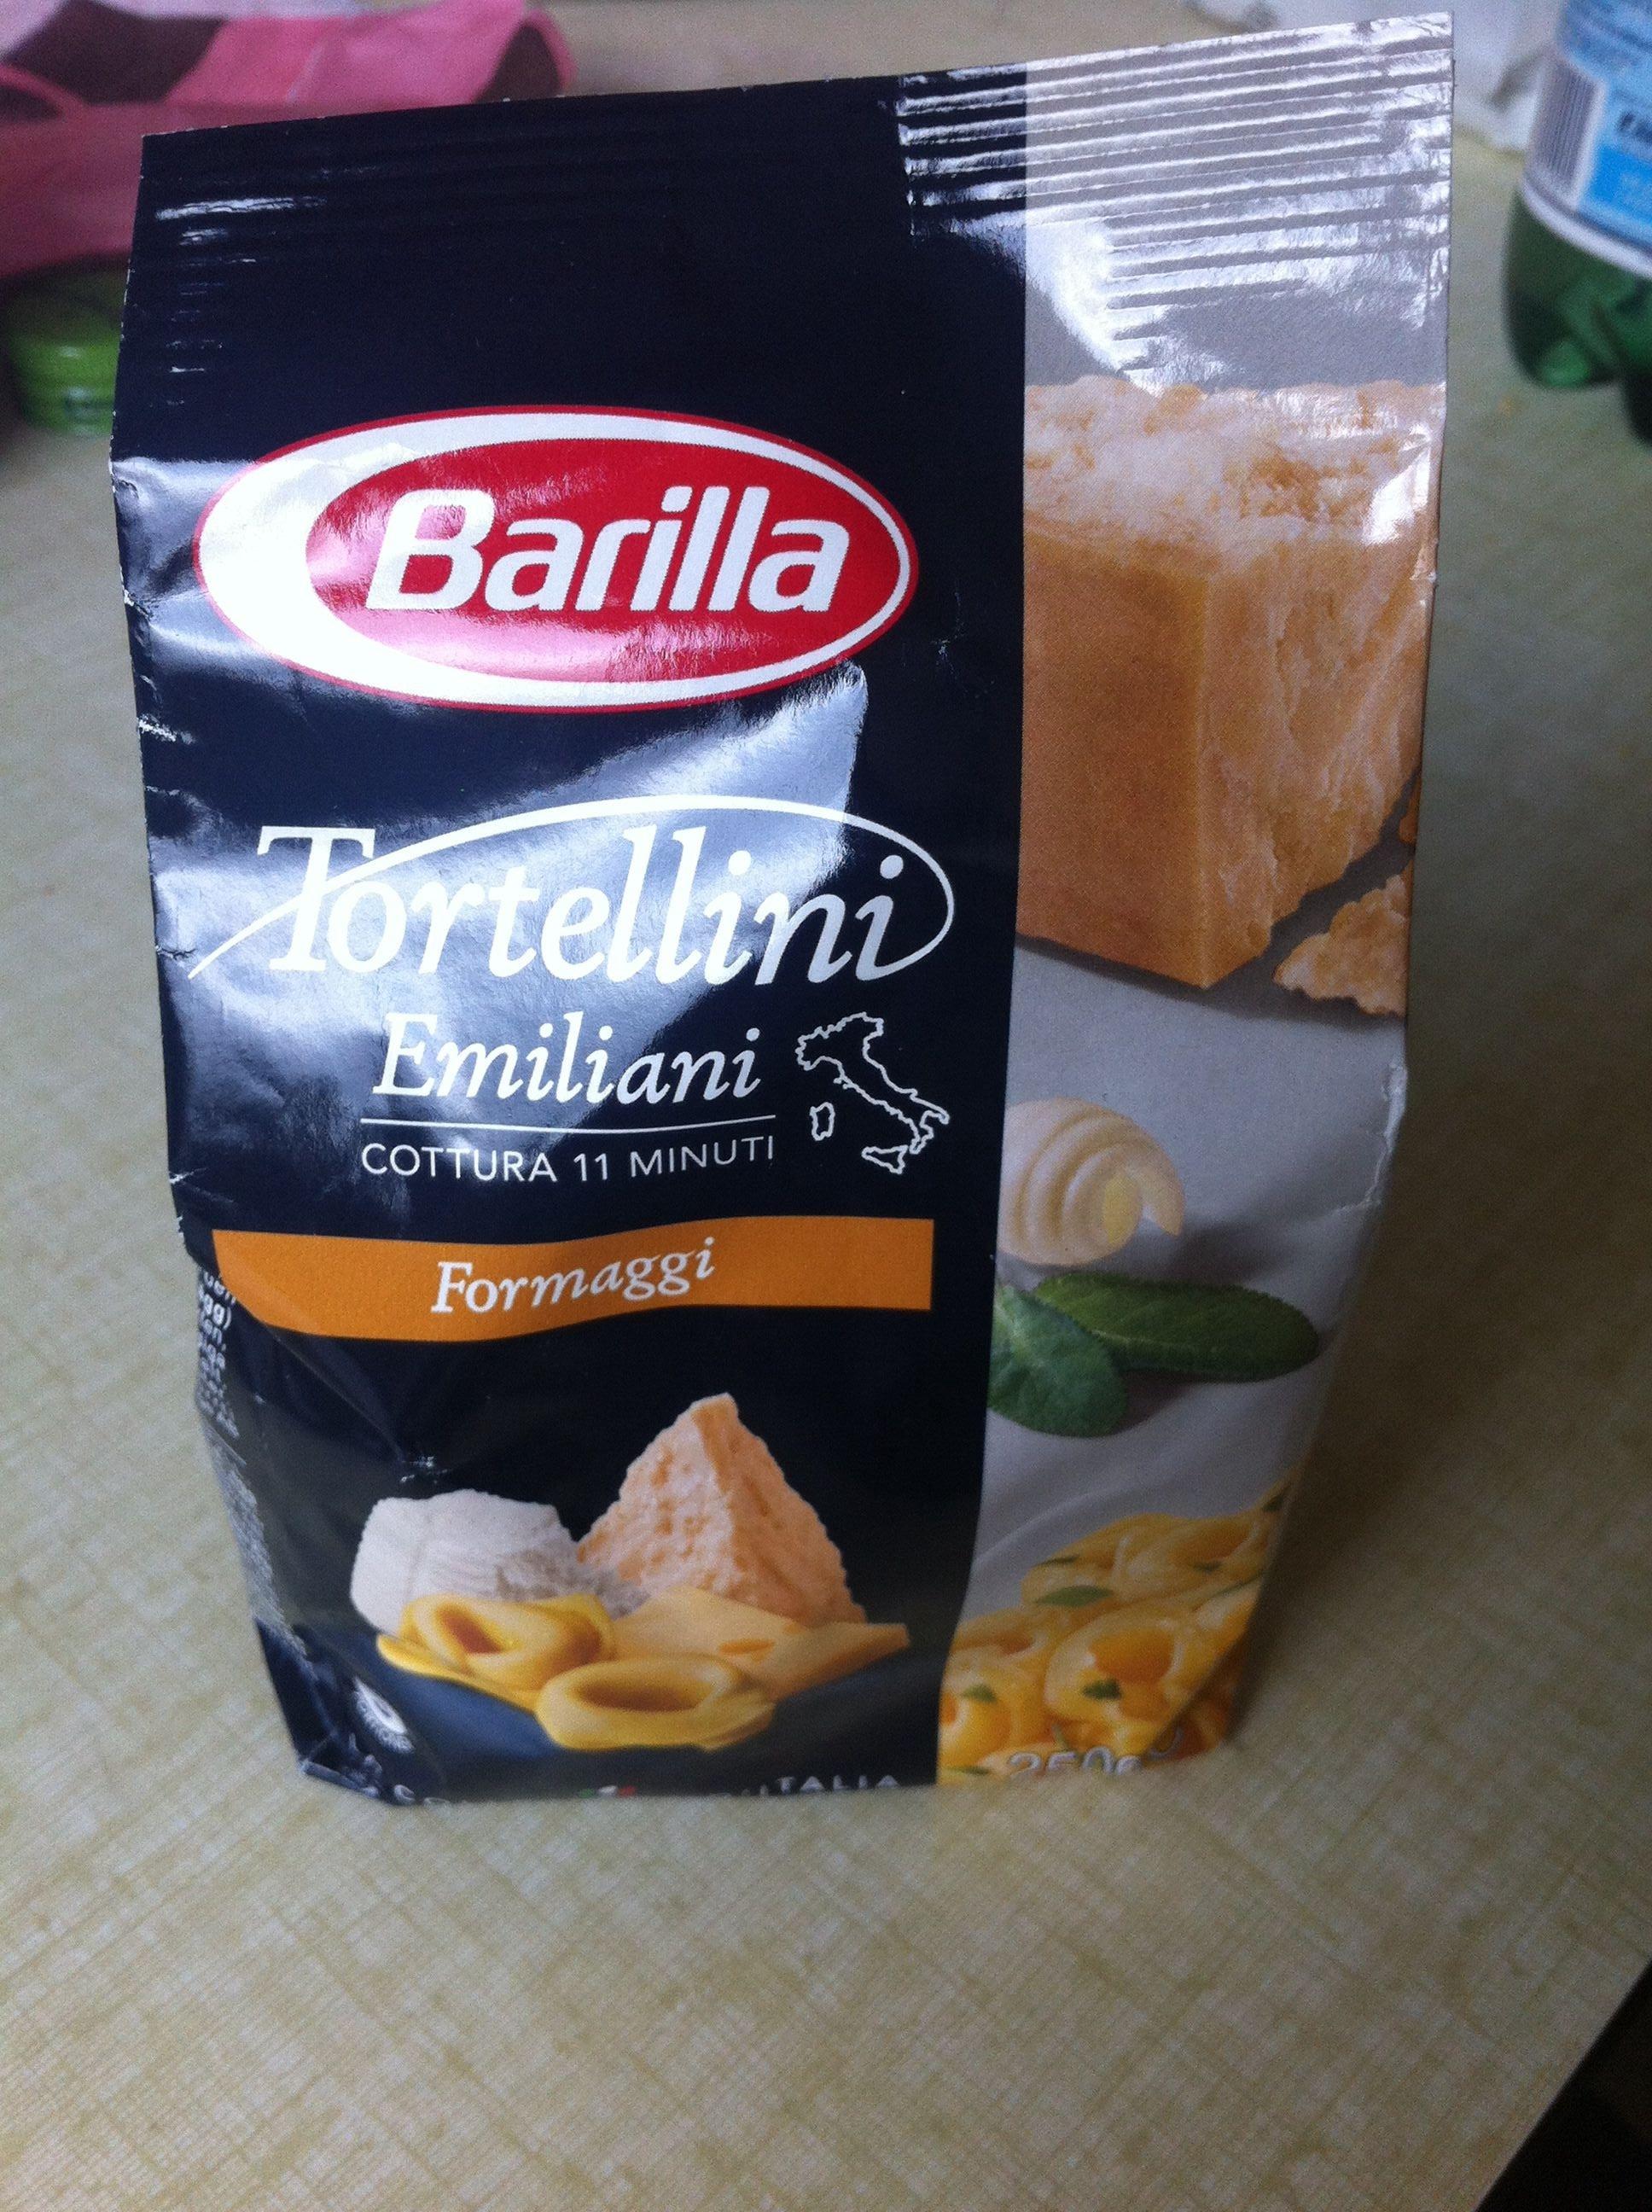 Tortellini Emiliani Formaggi Barilla 250g